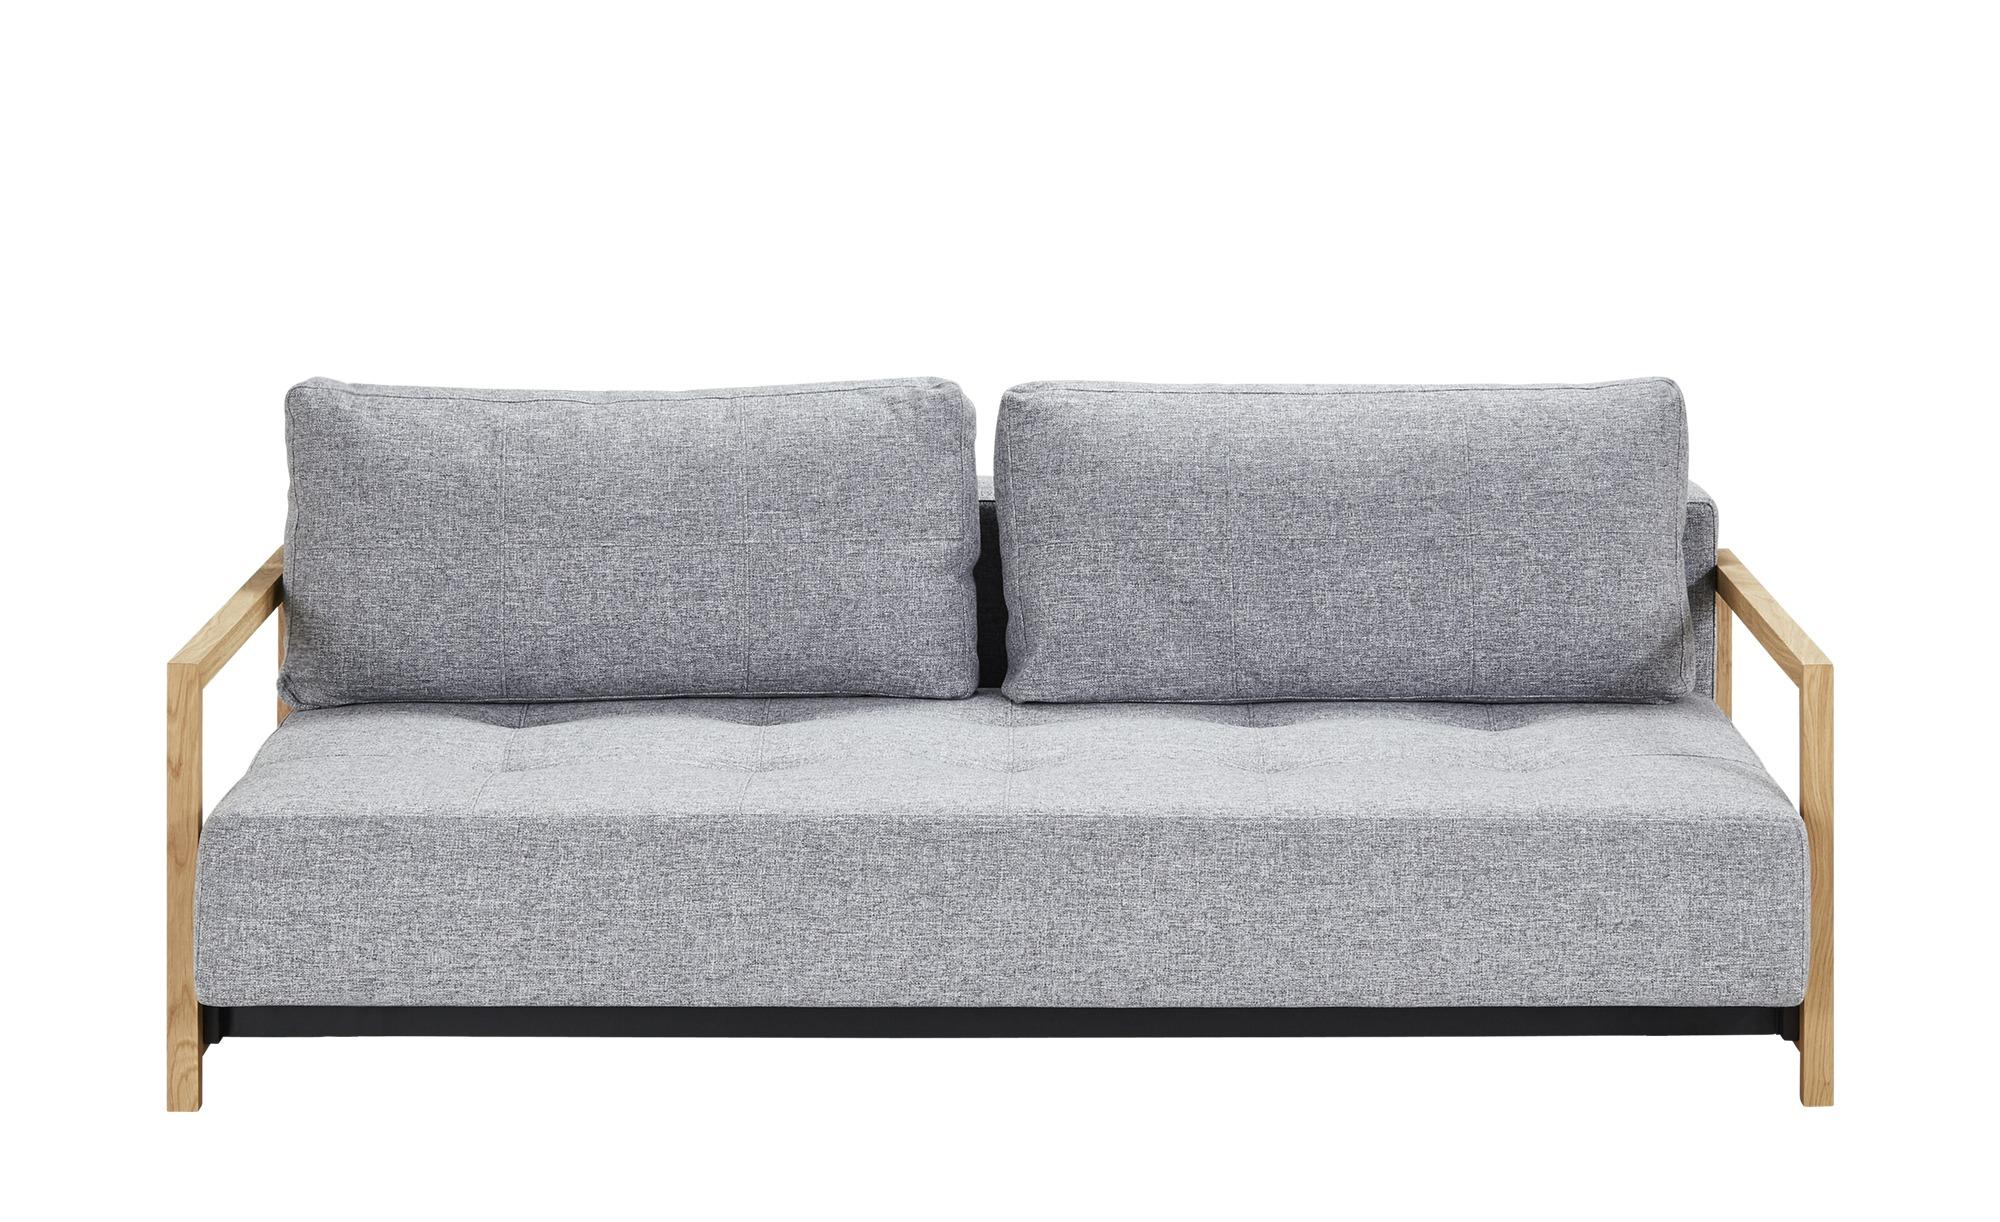 Schlafsofa  Akkito ¦ grau ¦ Maße (cm): B: 210 H: 70 T: 162 Polstermöbel > Sofas > Einzelsofas - Höffner